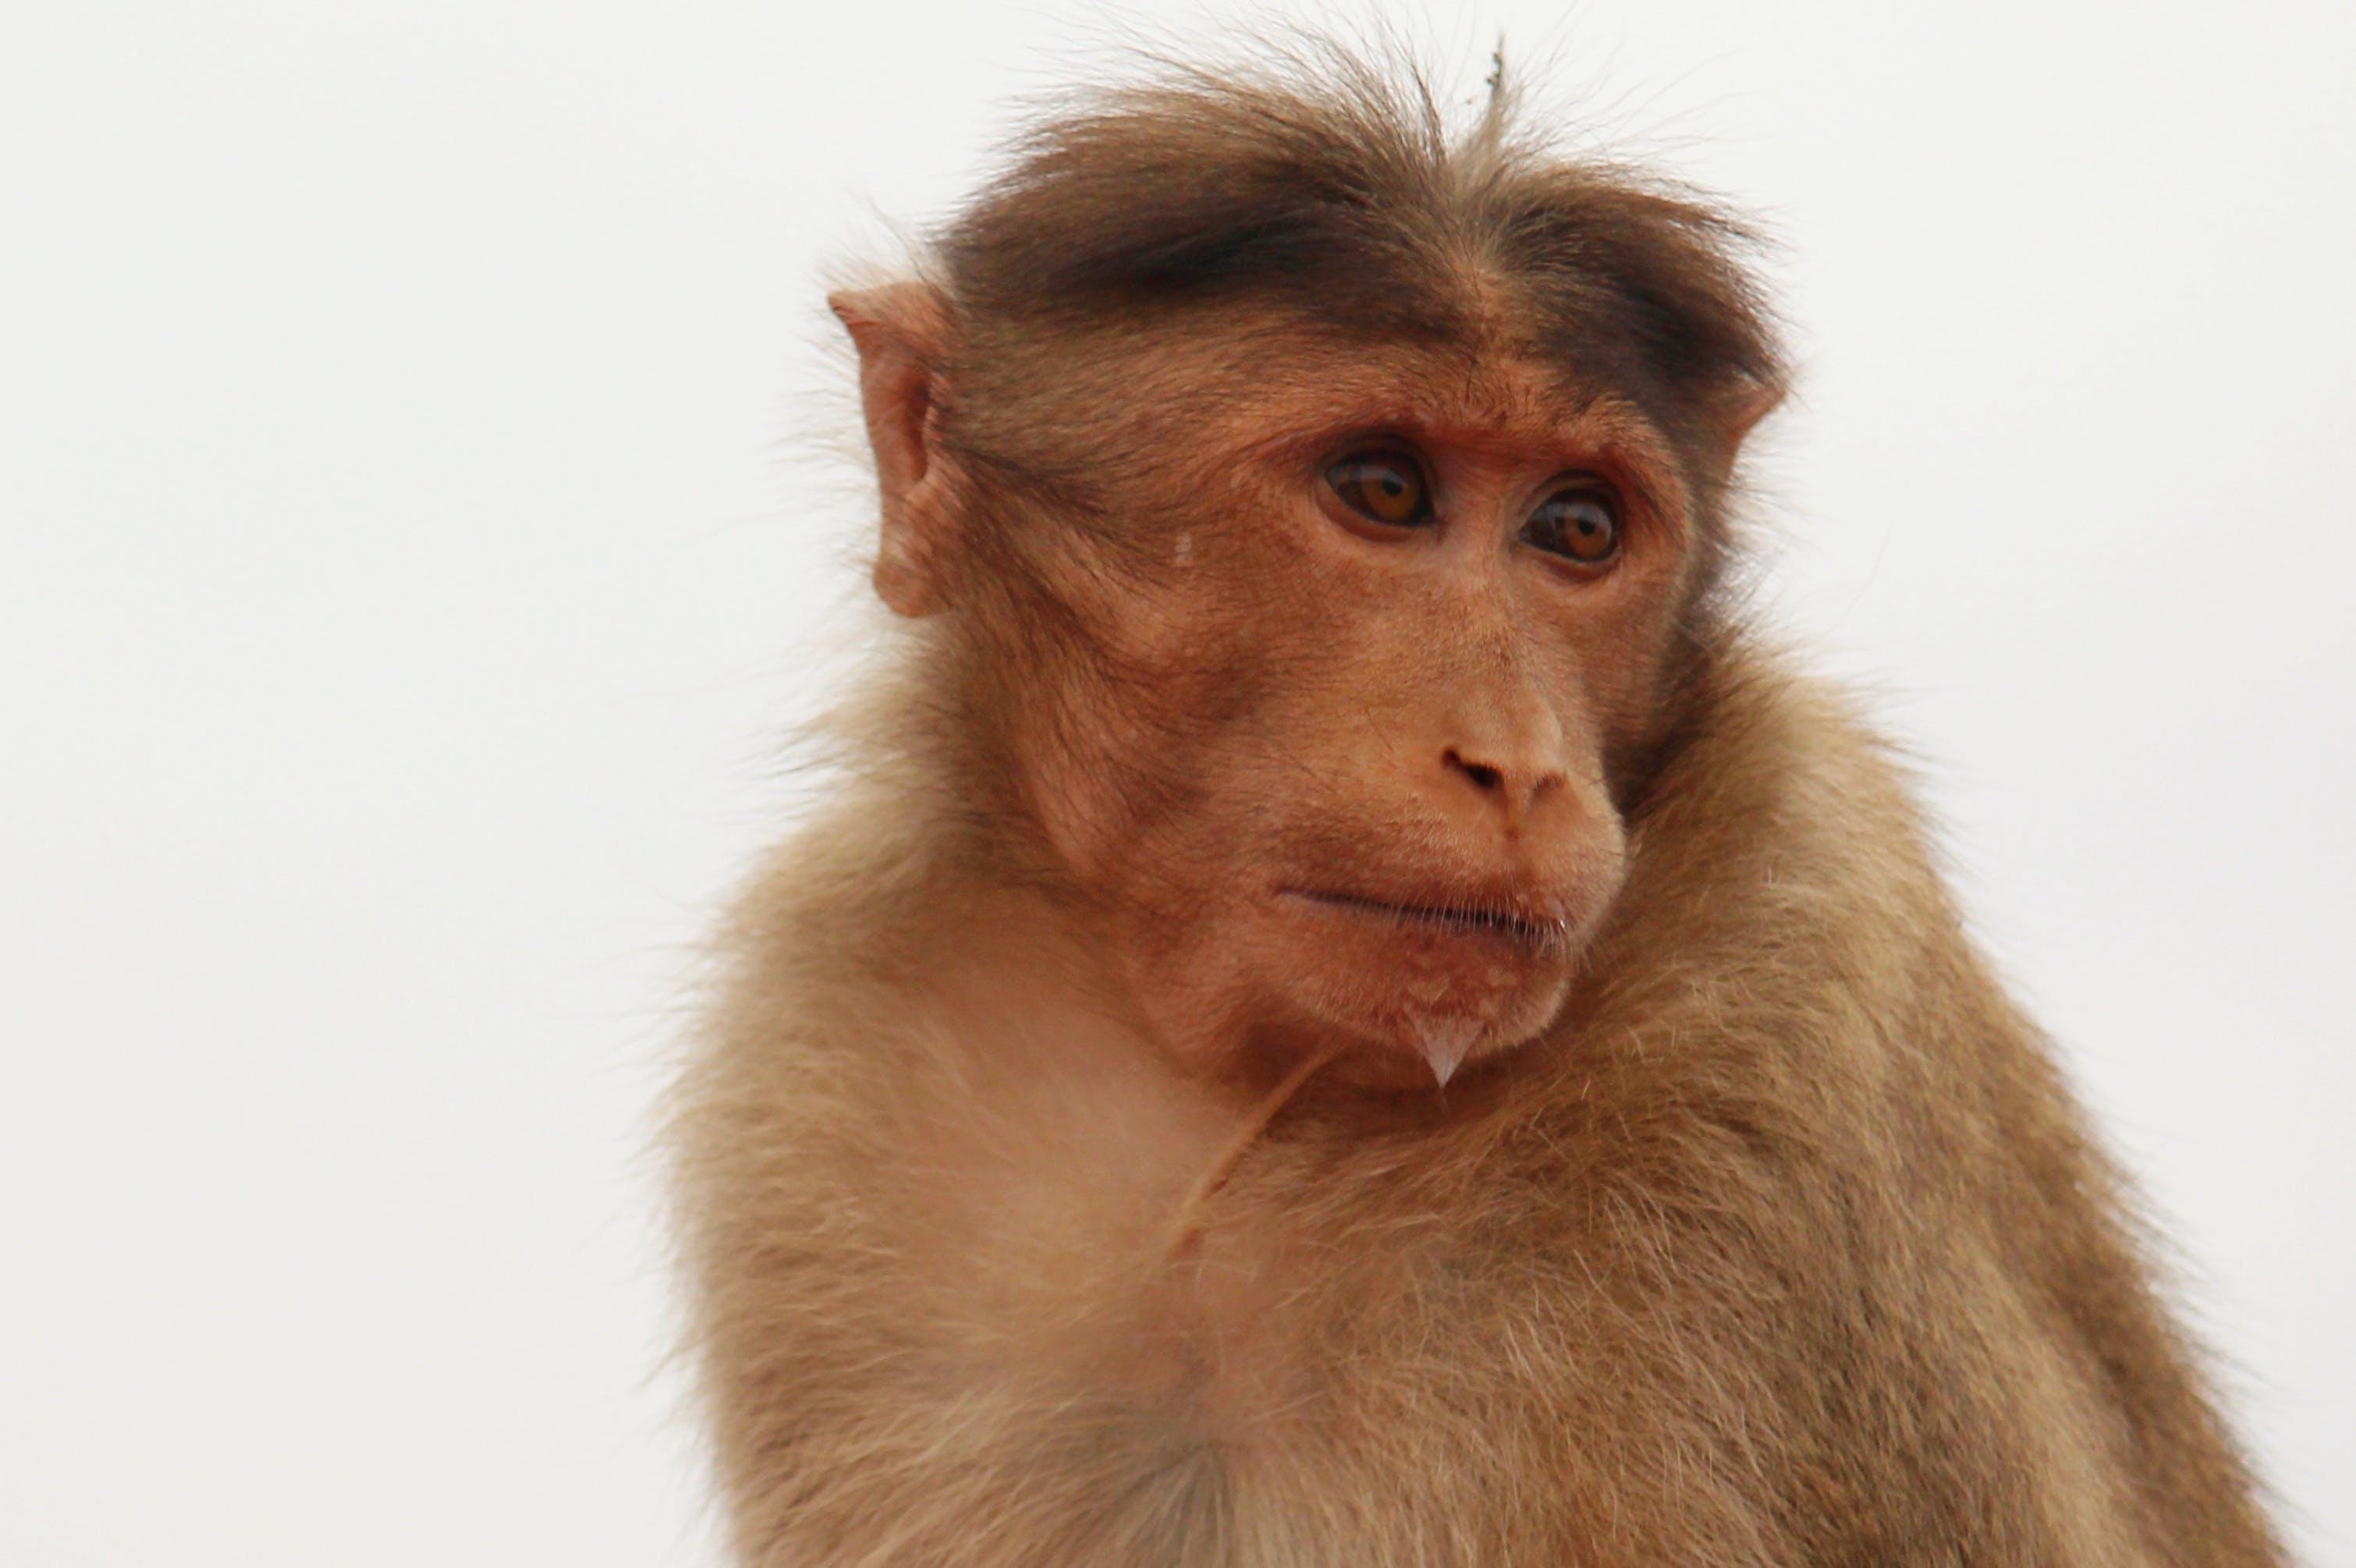 Free stock photo of nature, animal, monkey, india